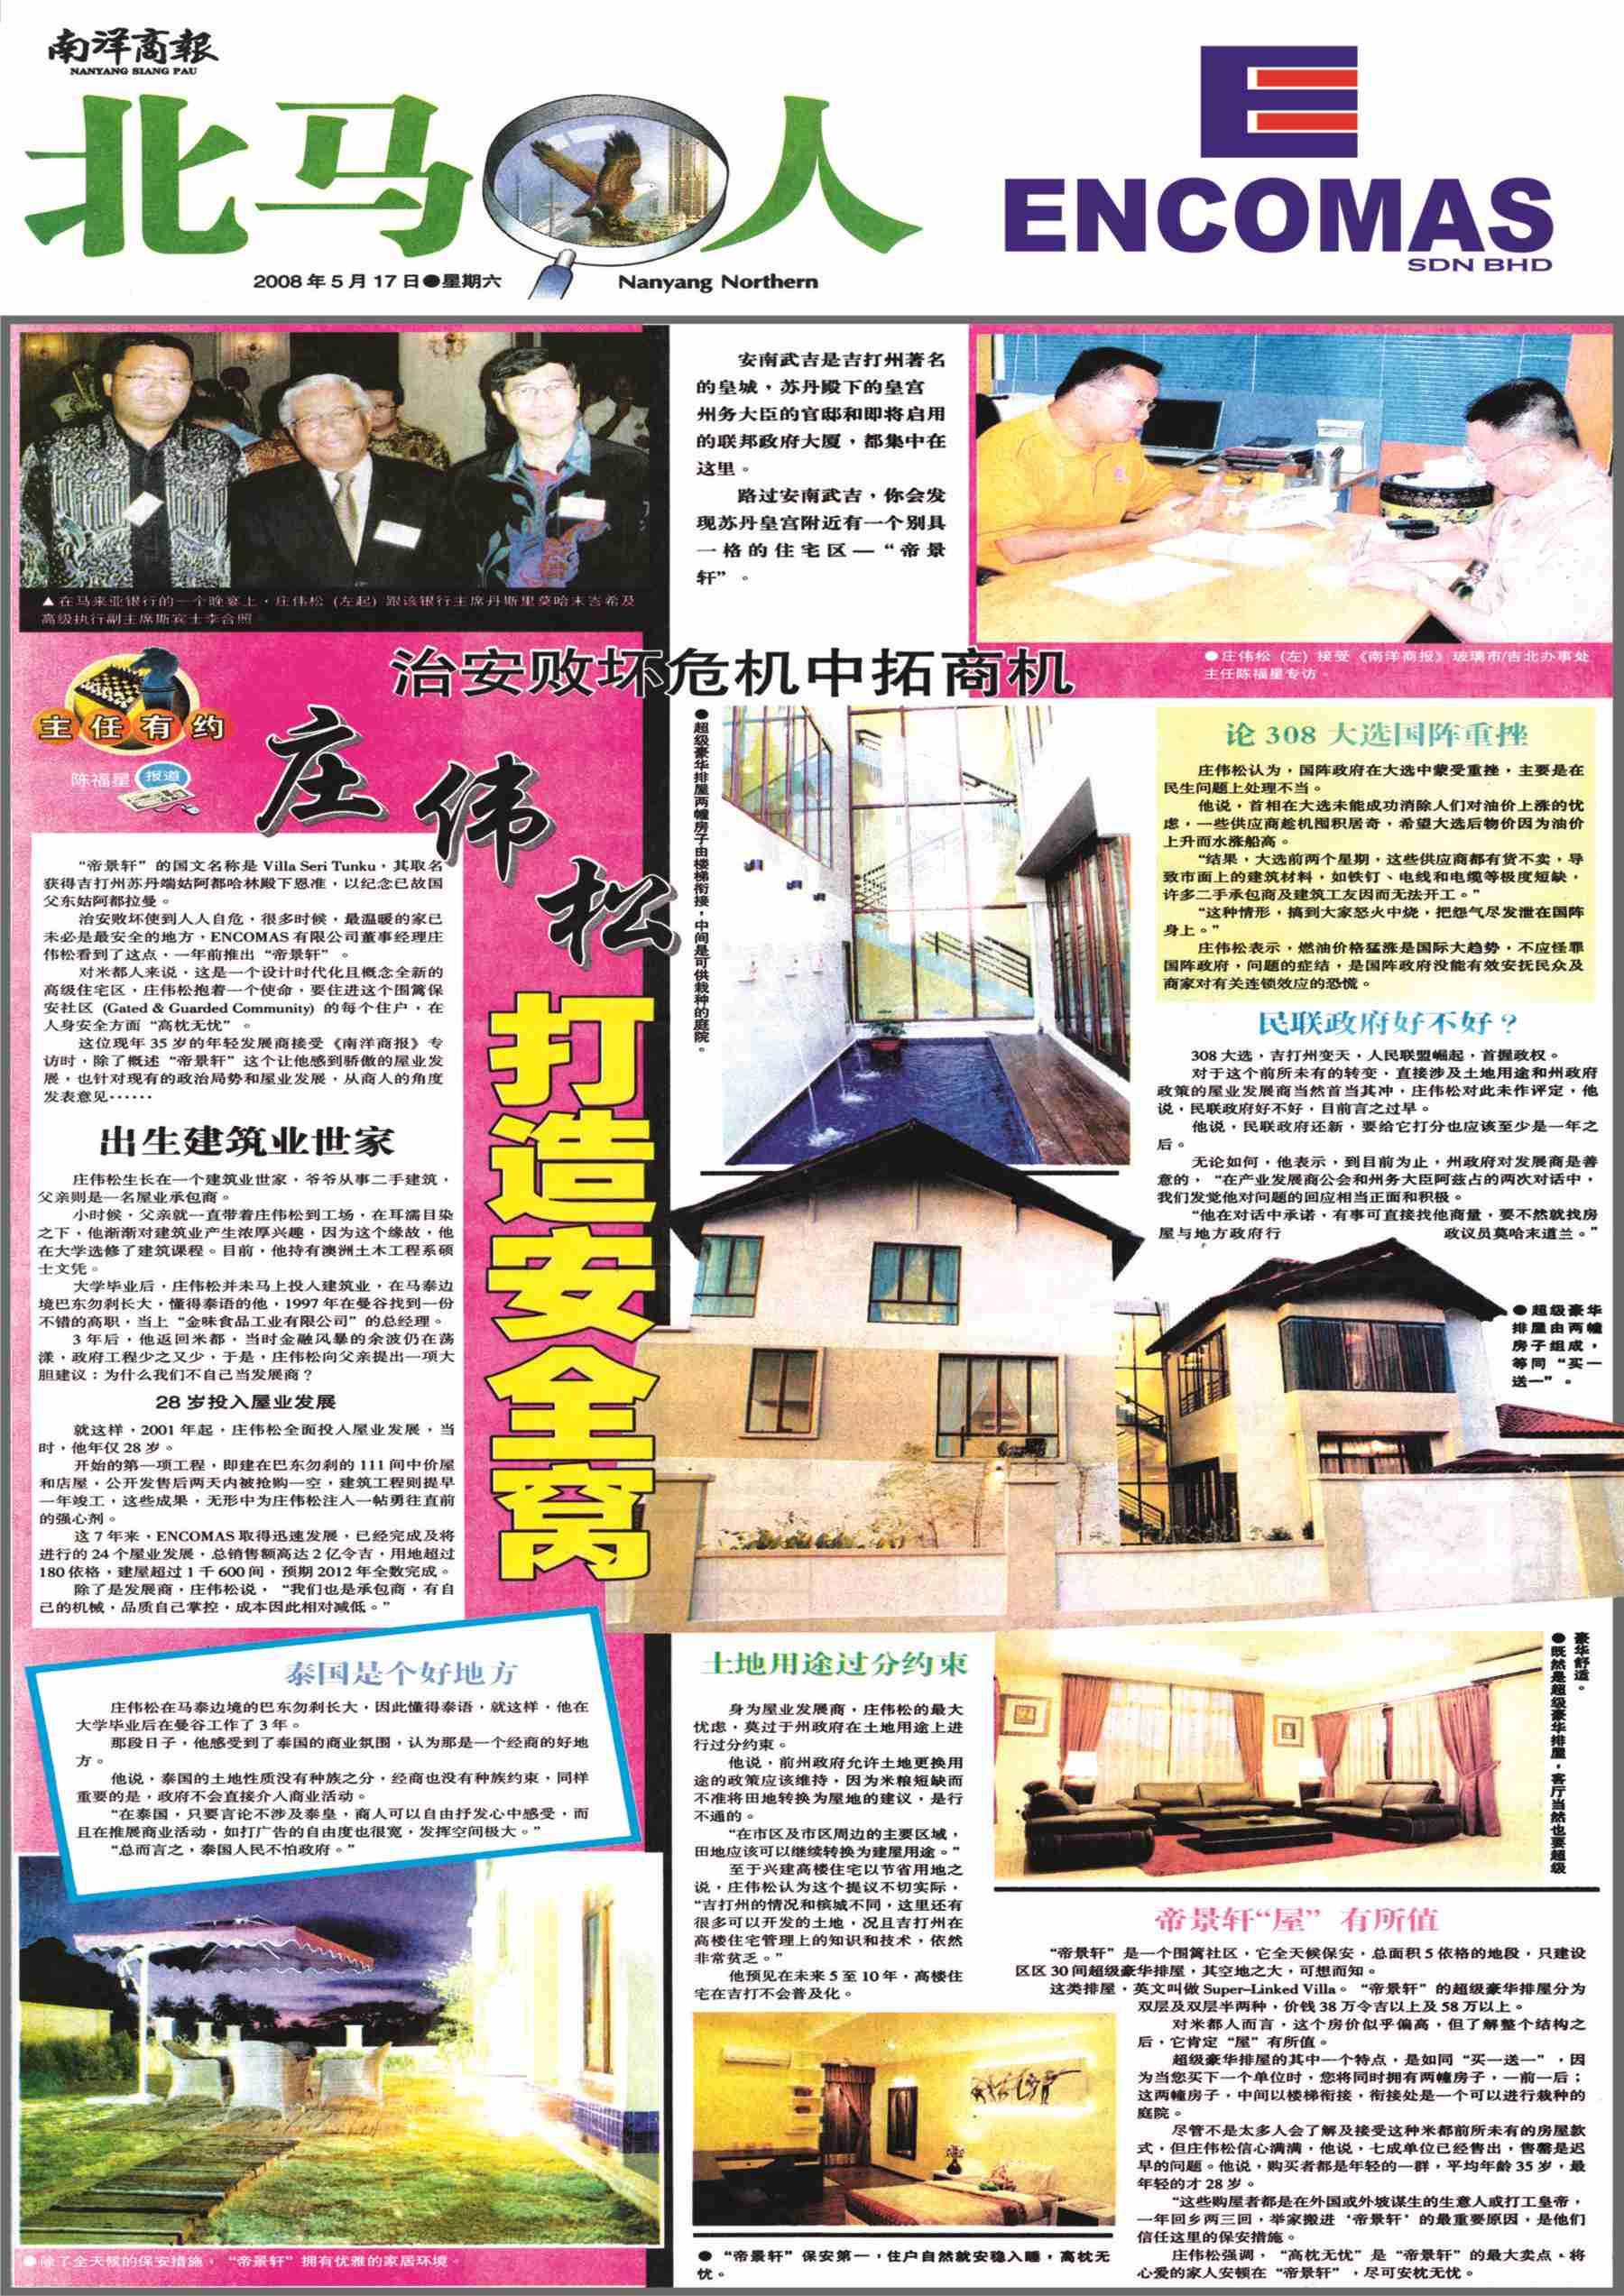 2008_05_17 Nanyang - Encomas build more